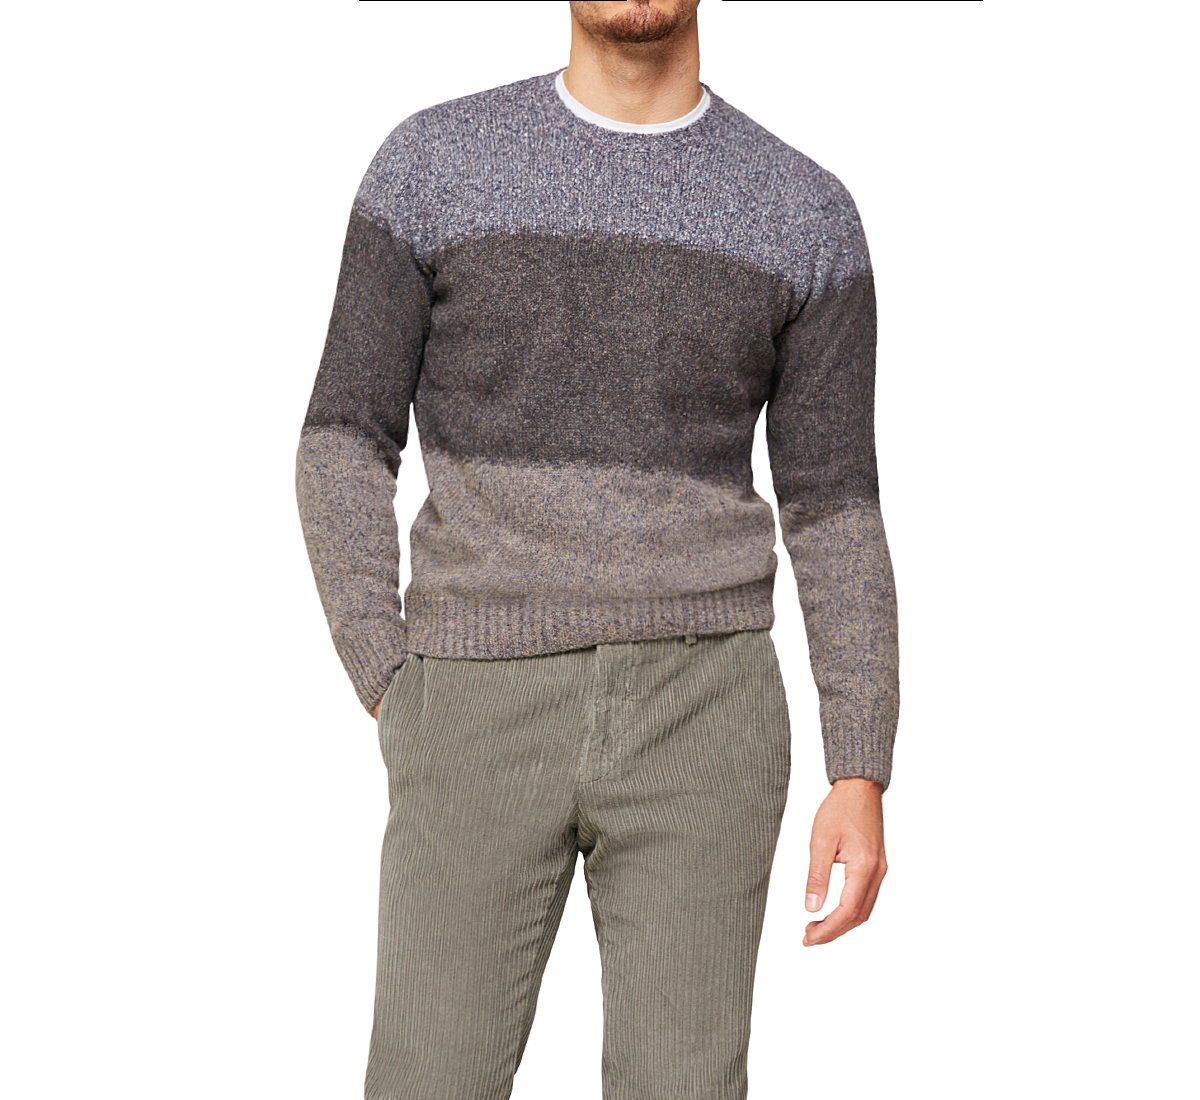 Maglione a strisce orizzontali